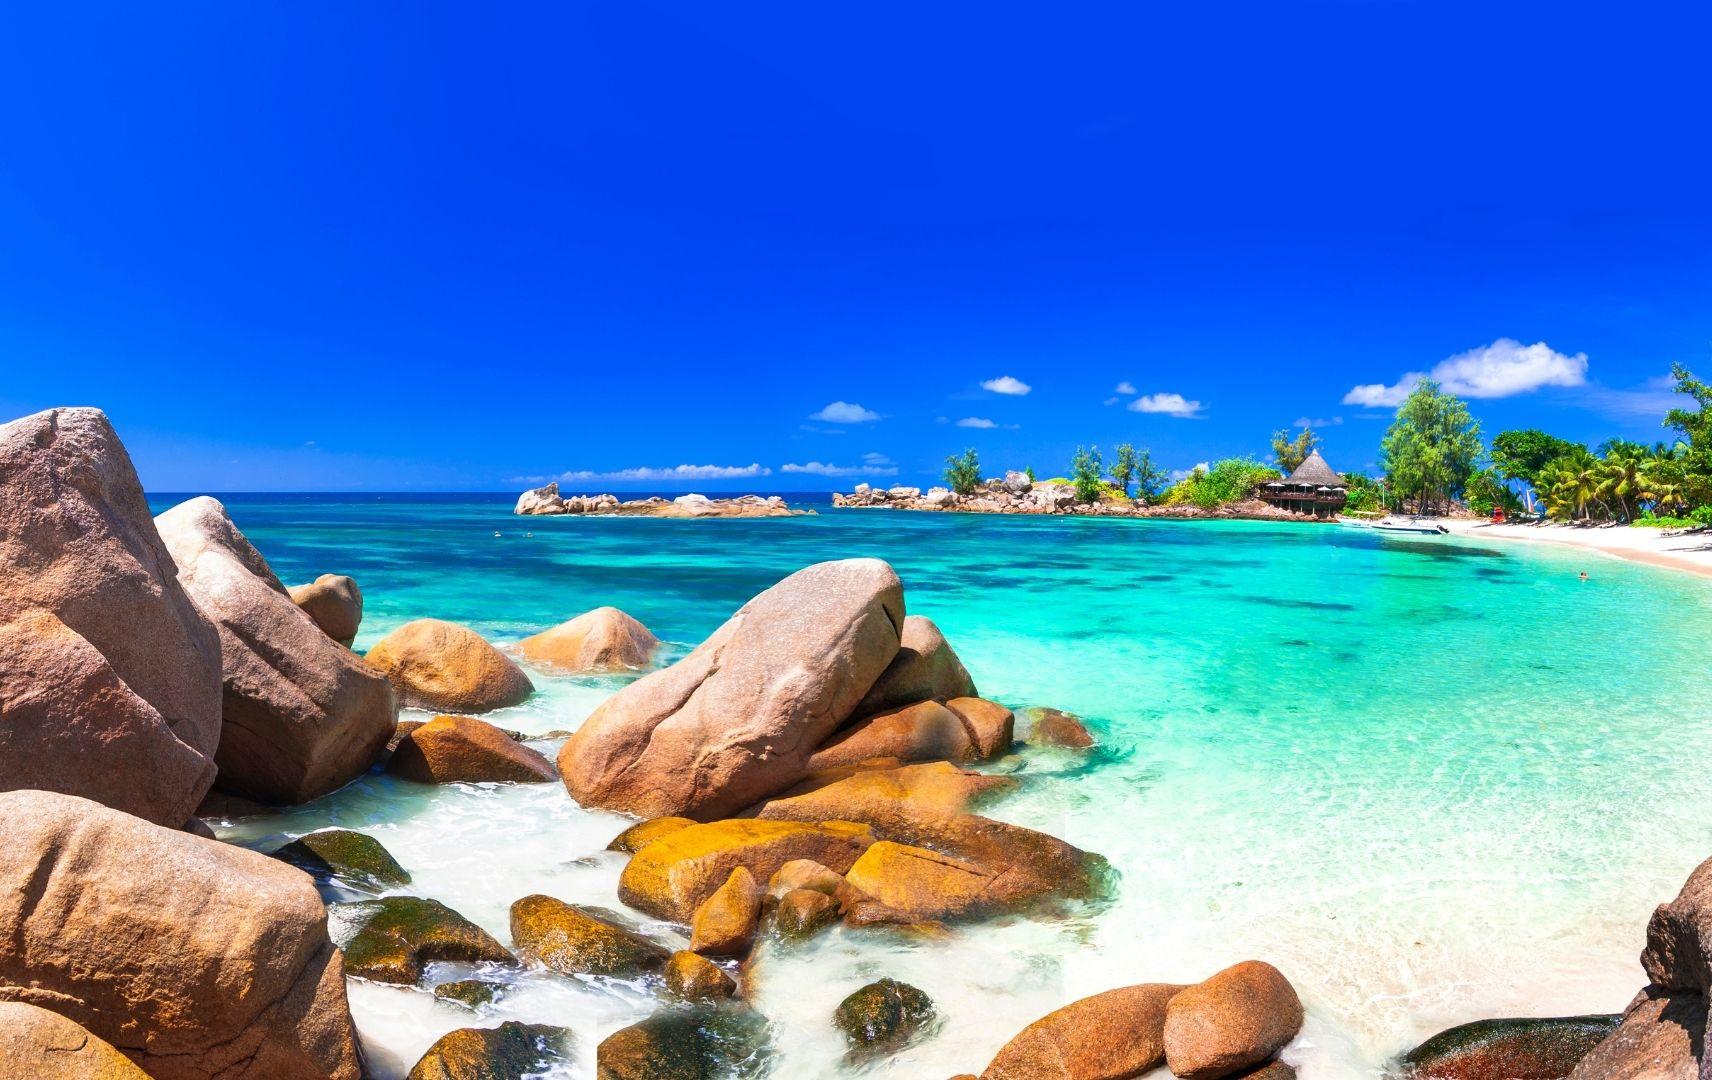 Fernreise - Seychellen Türkises Wasser